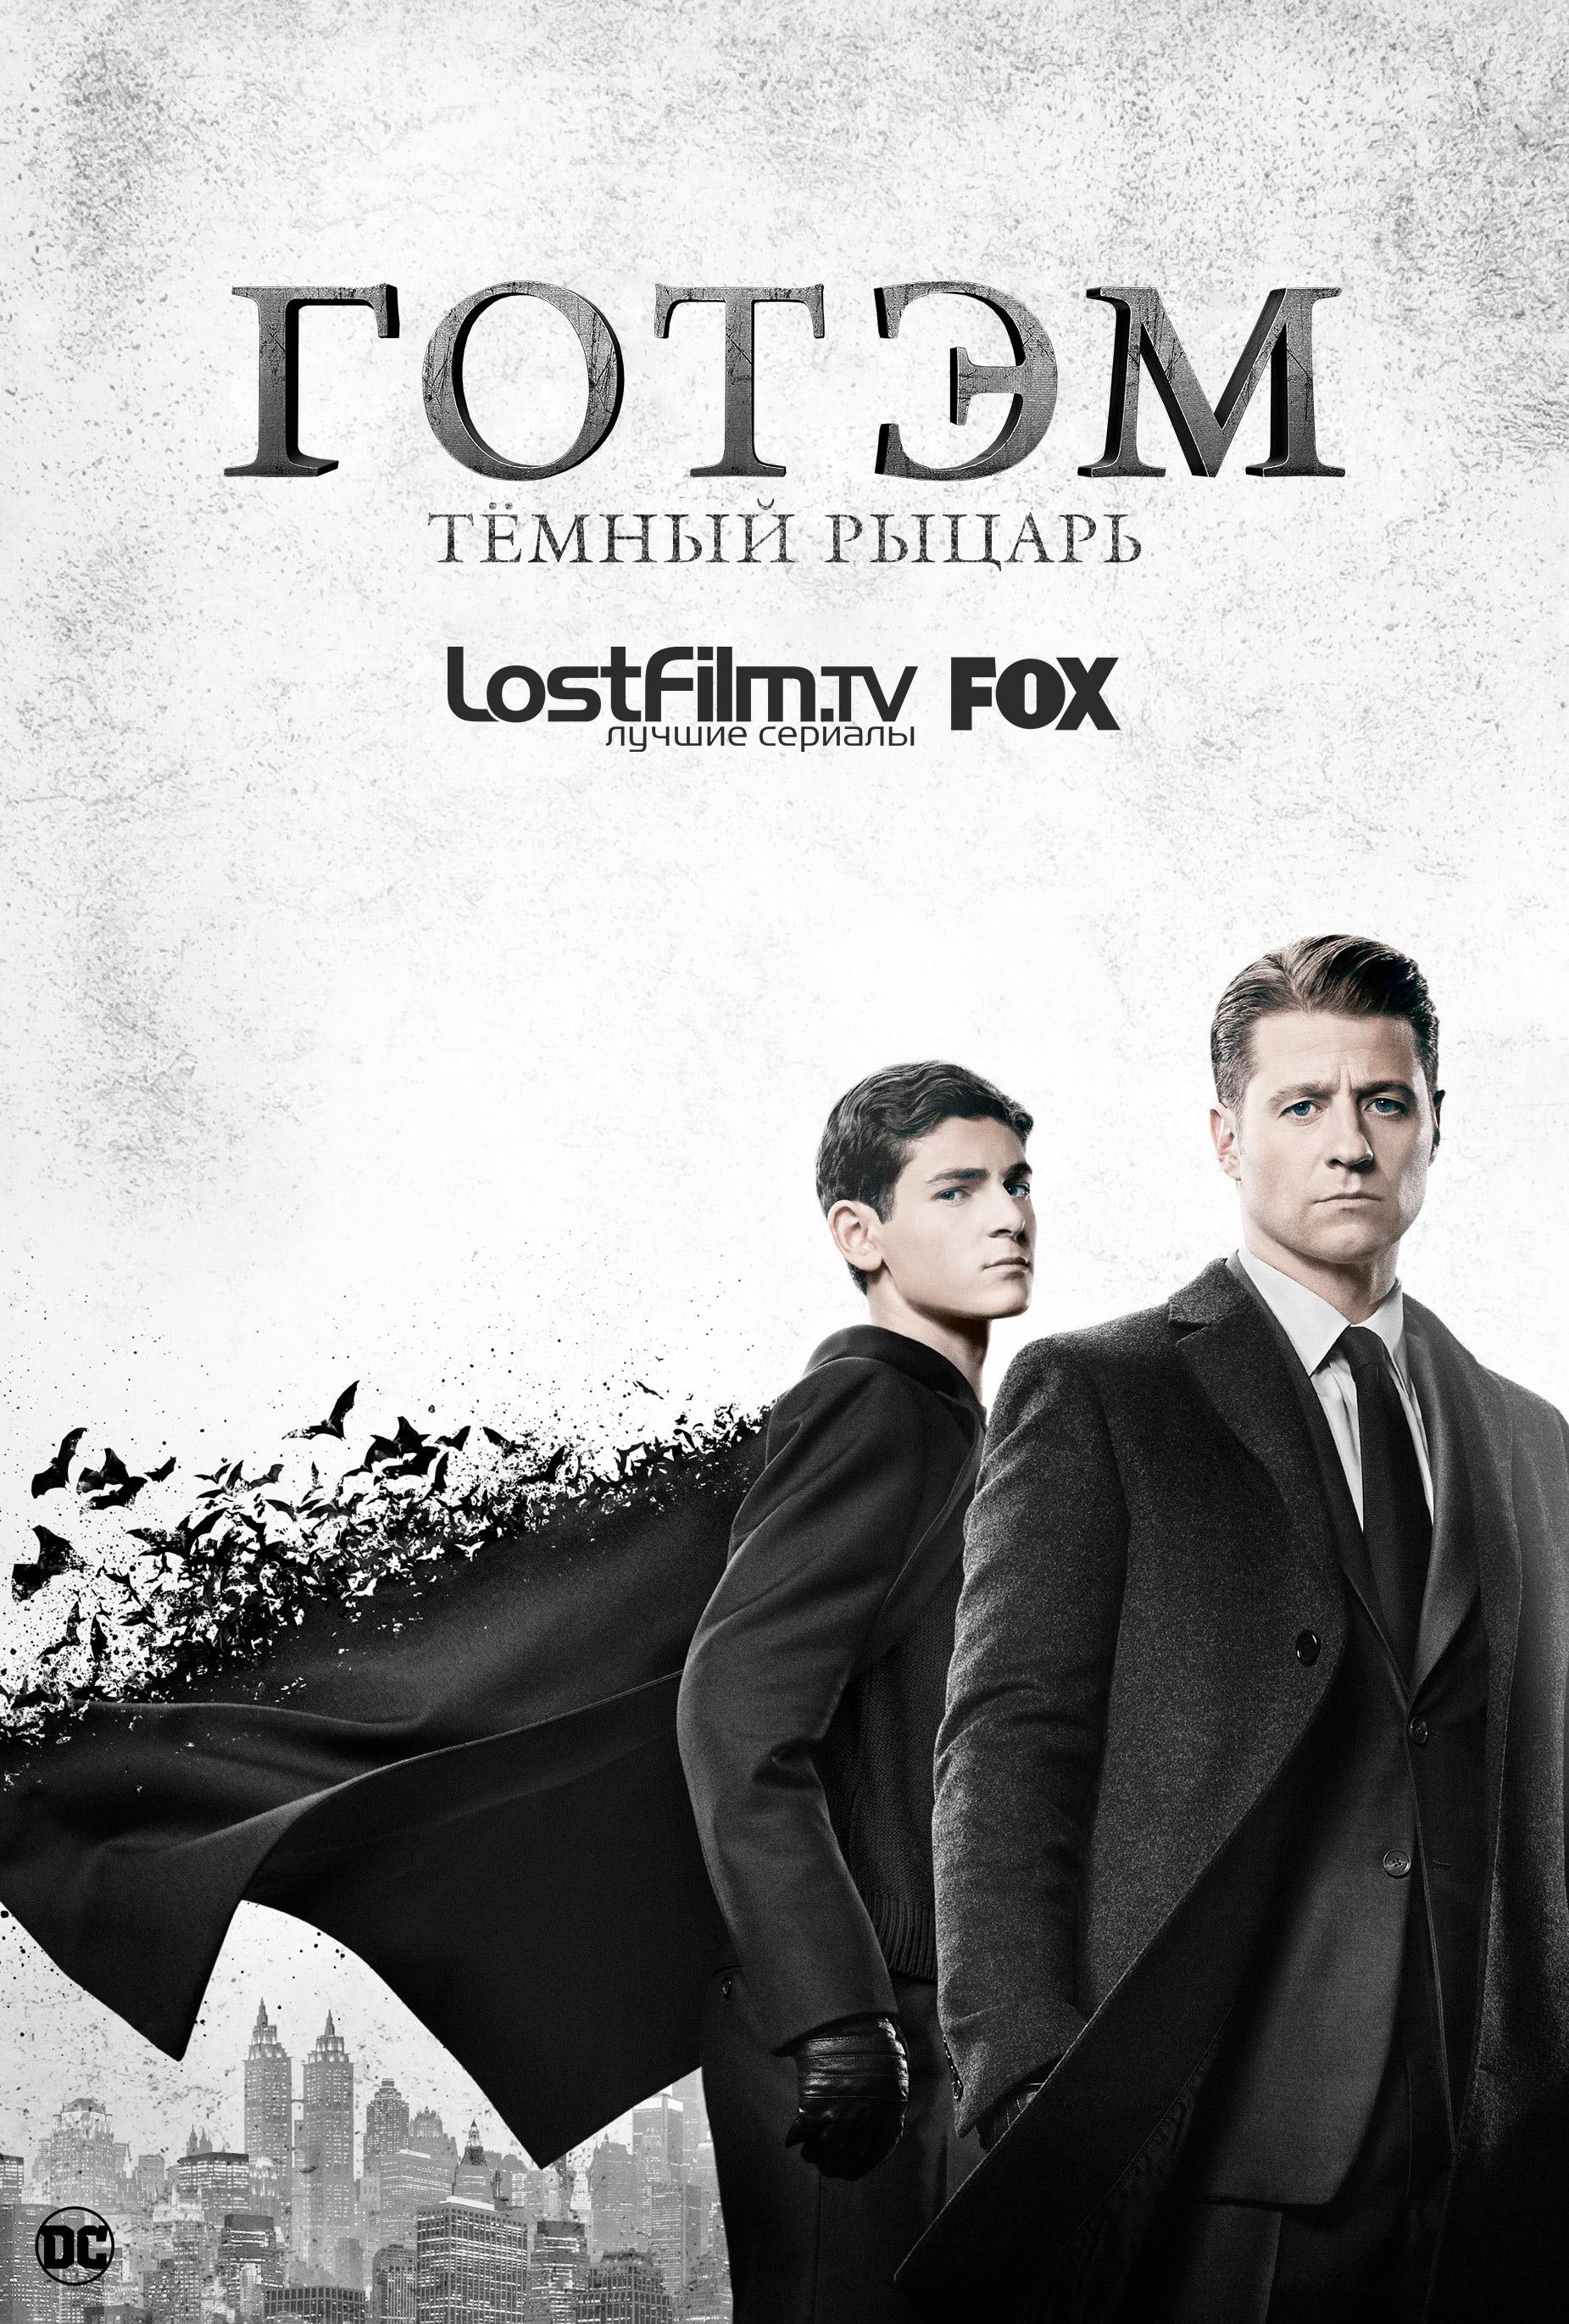 Готэм 4 сезон 4 серия LostFilm | Gotham